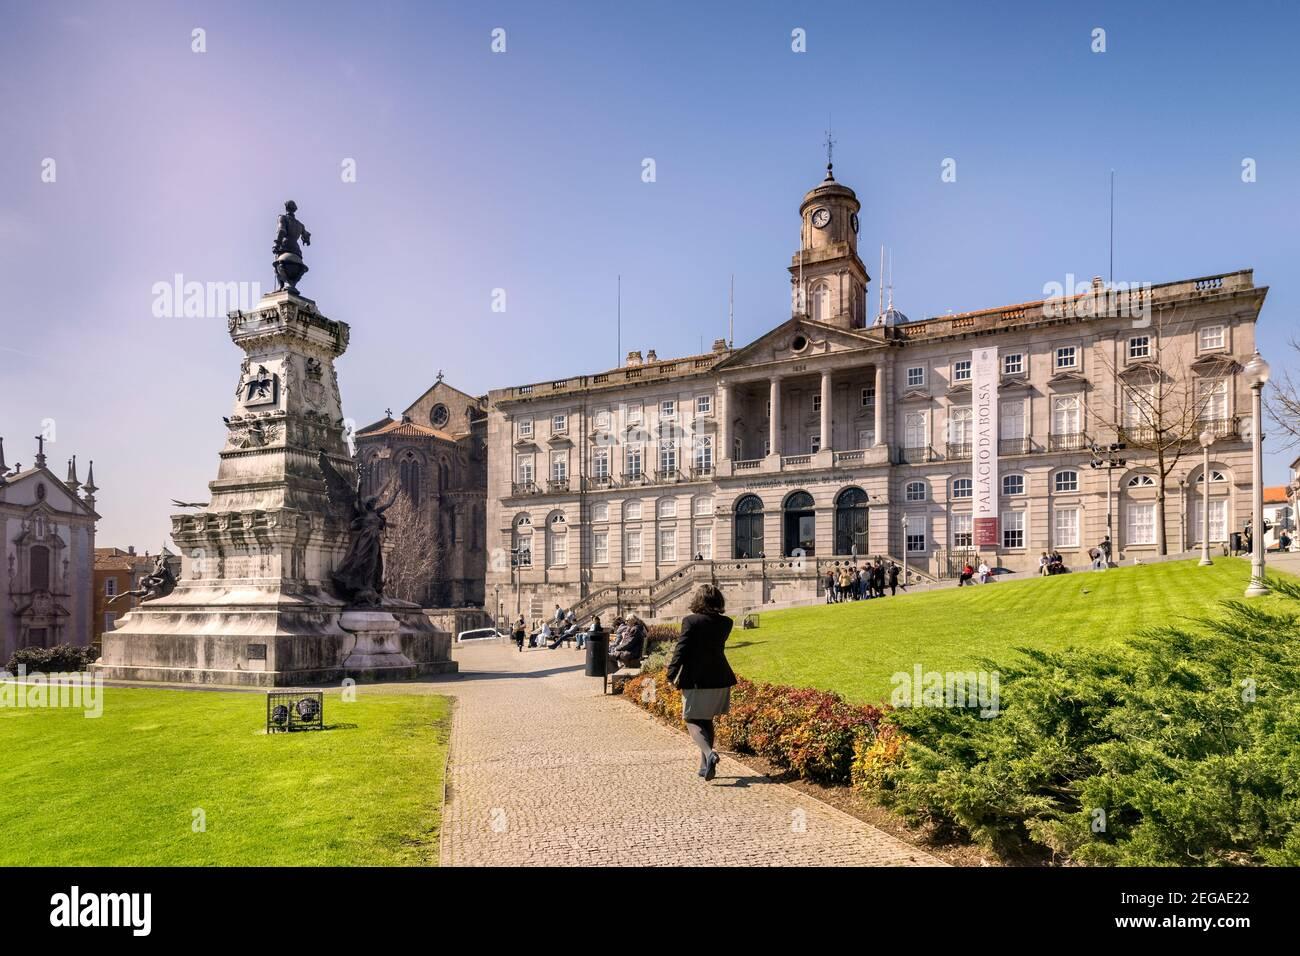 10 de marzo de 2020: Oporto, Portugal - Praca Infante Dom Henrique o el príncipe Enrique el lugar del navegador en Oporto, con el Palacio de la Bolsa, la antigua Bolsa de valores Foto de stock